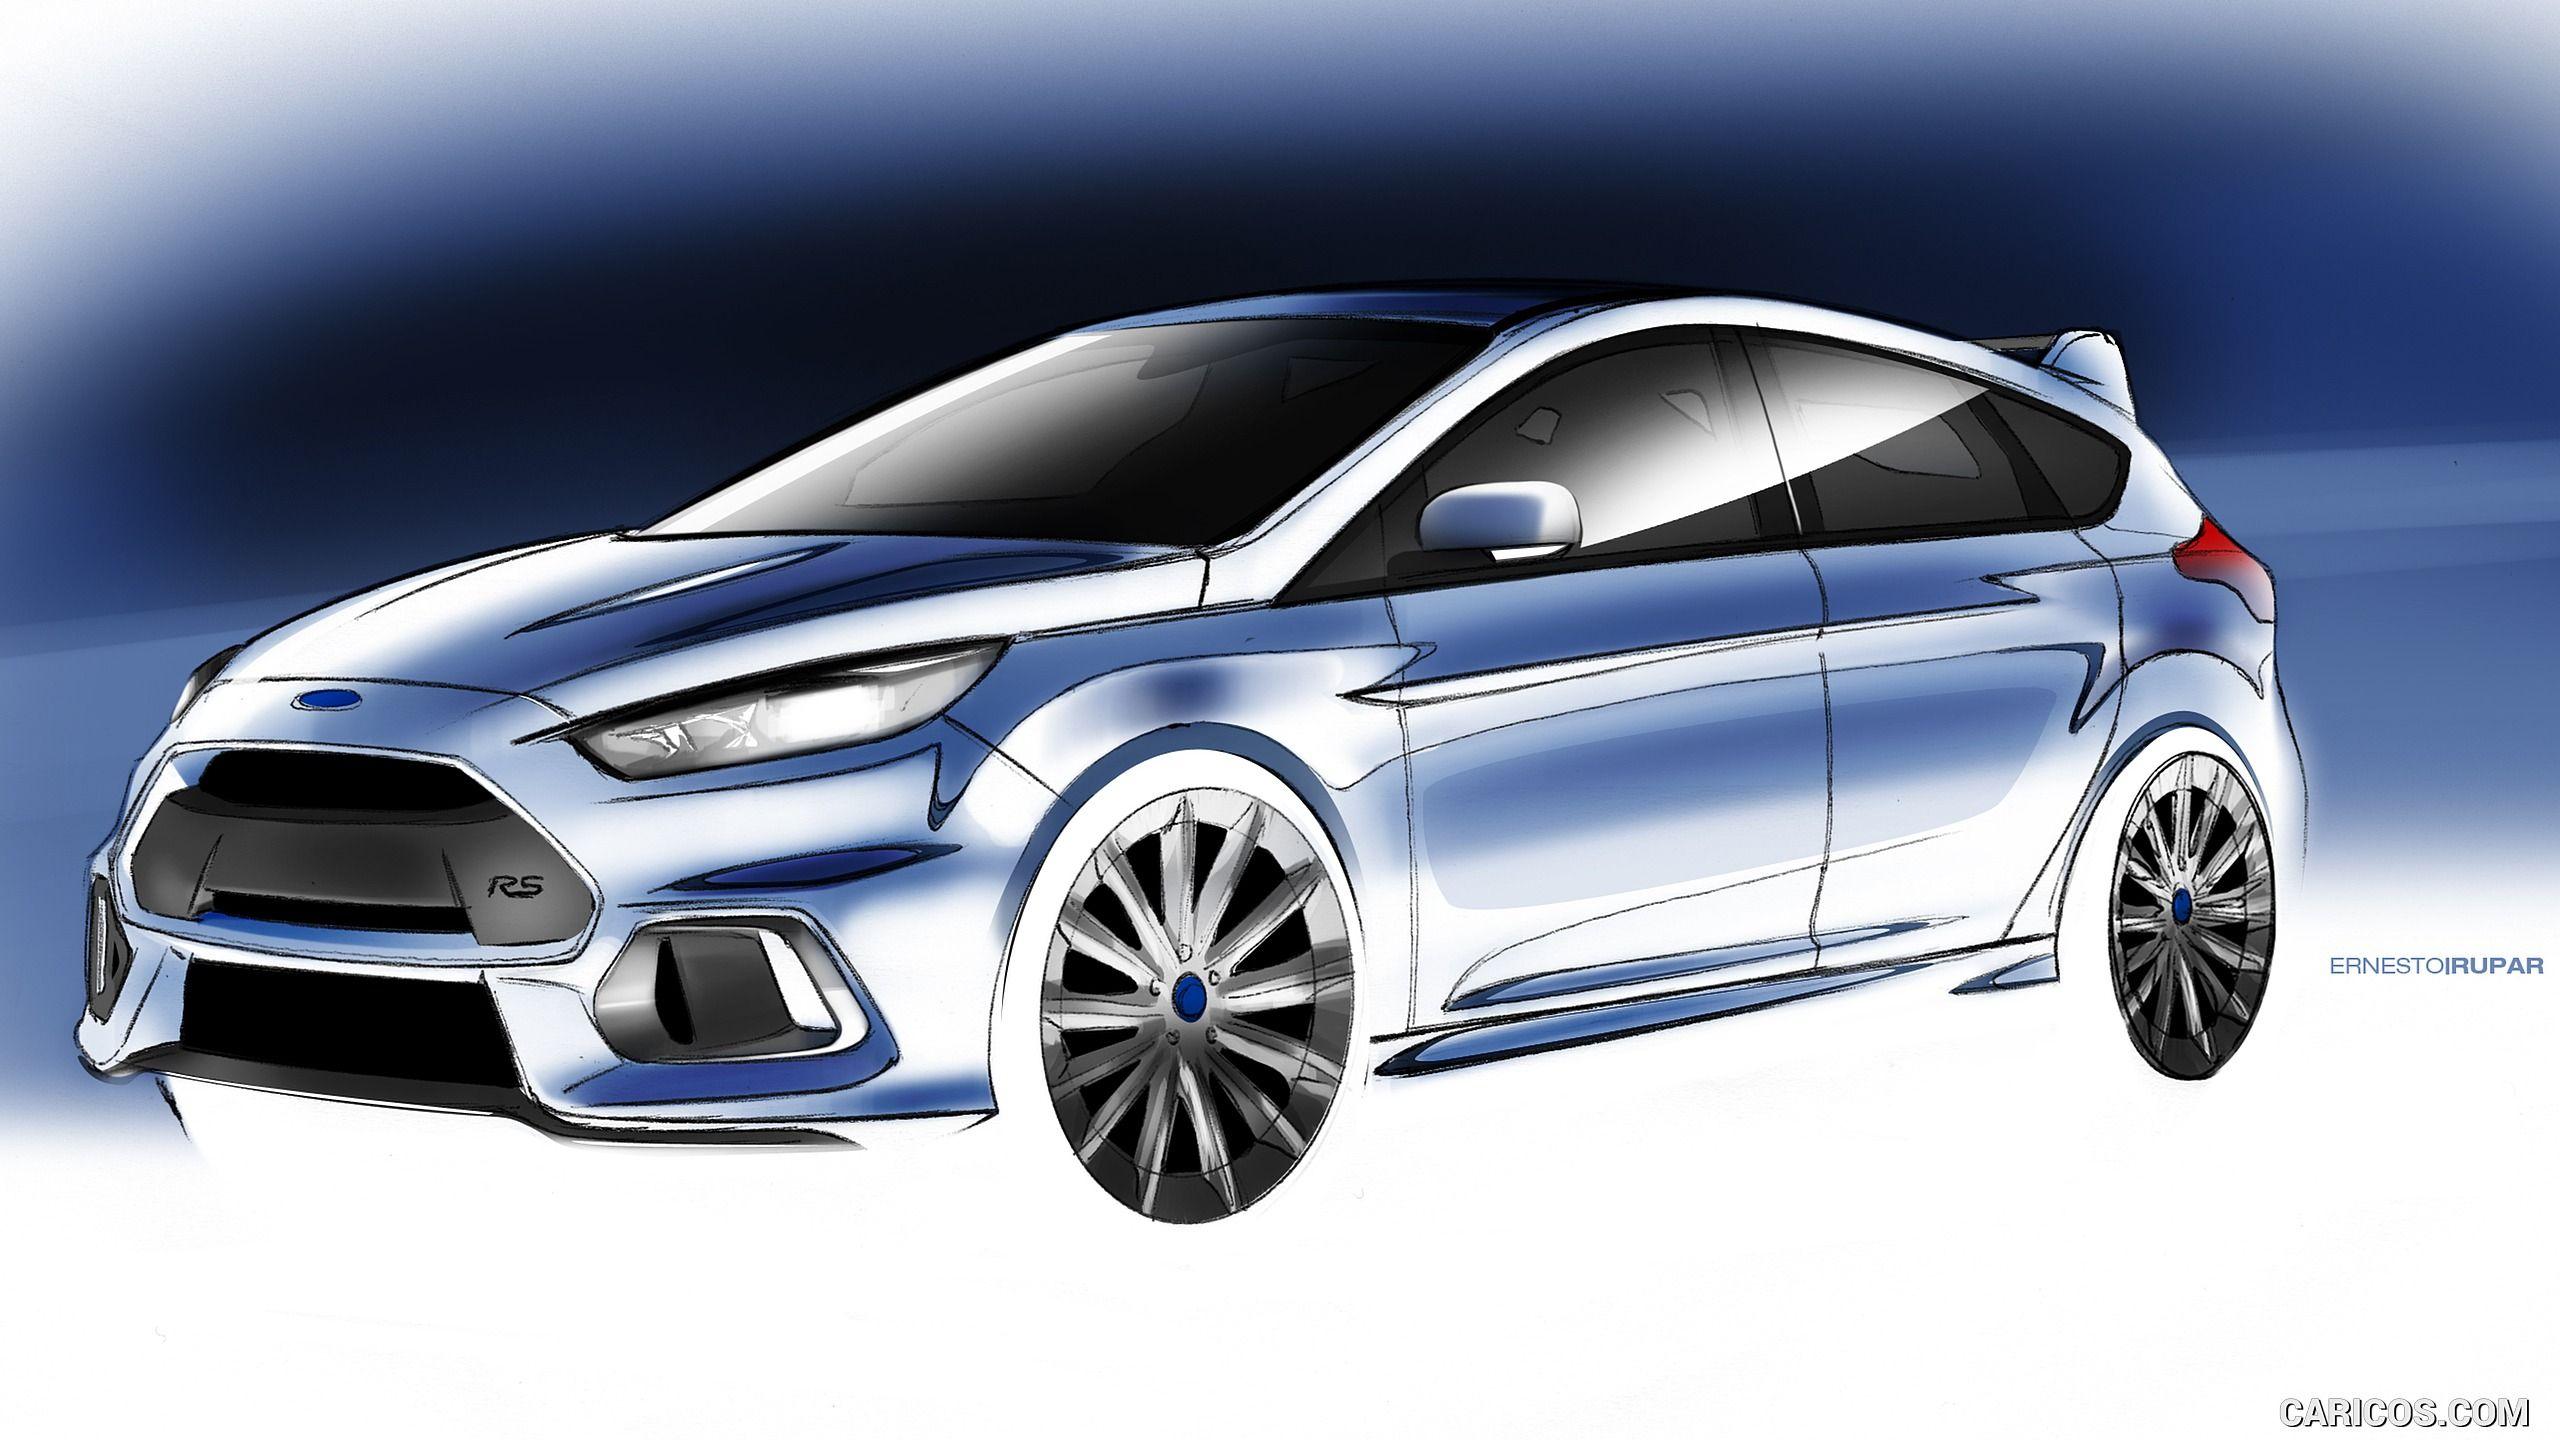 2016 Ford Focus Rs Ford Focus Rs Ford Focus Automotive Design